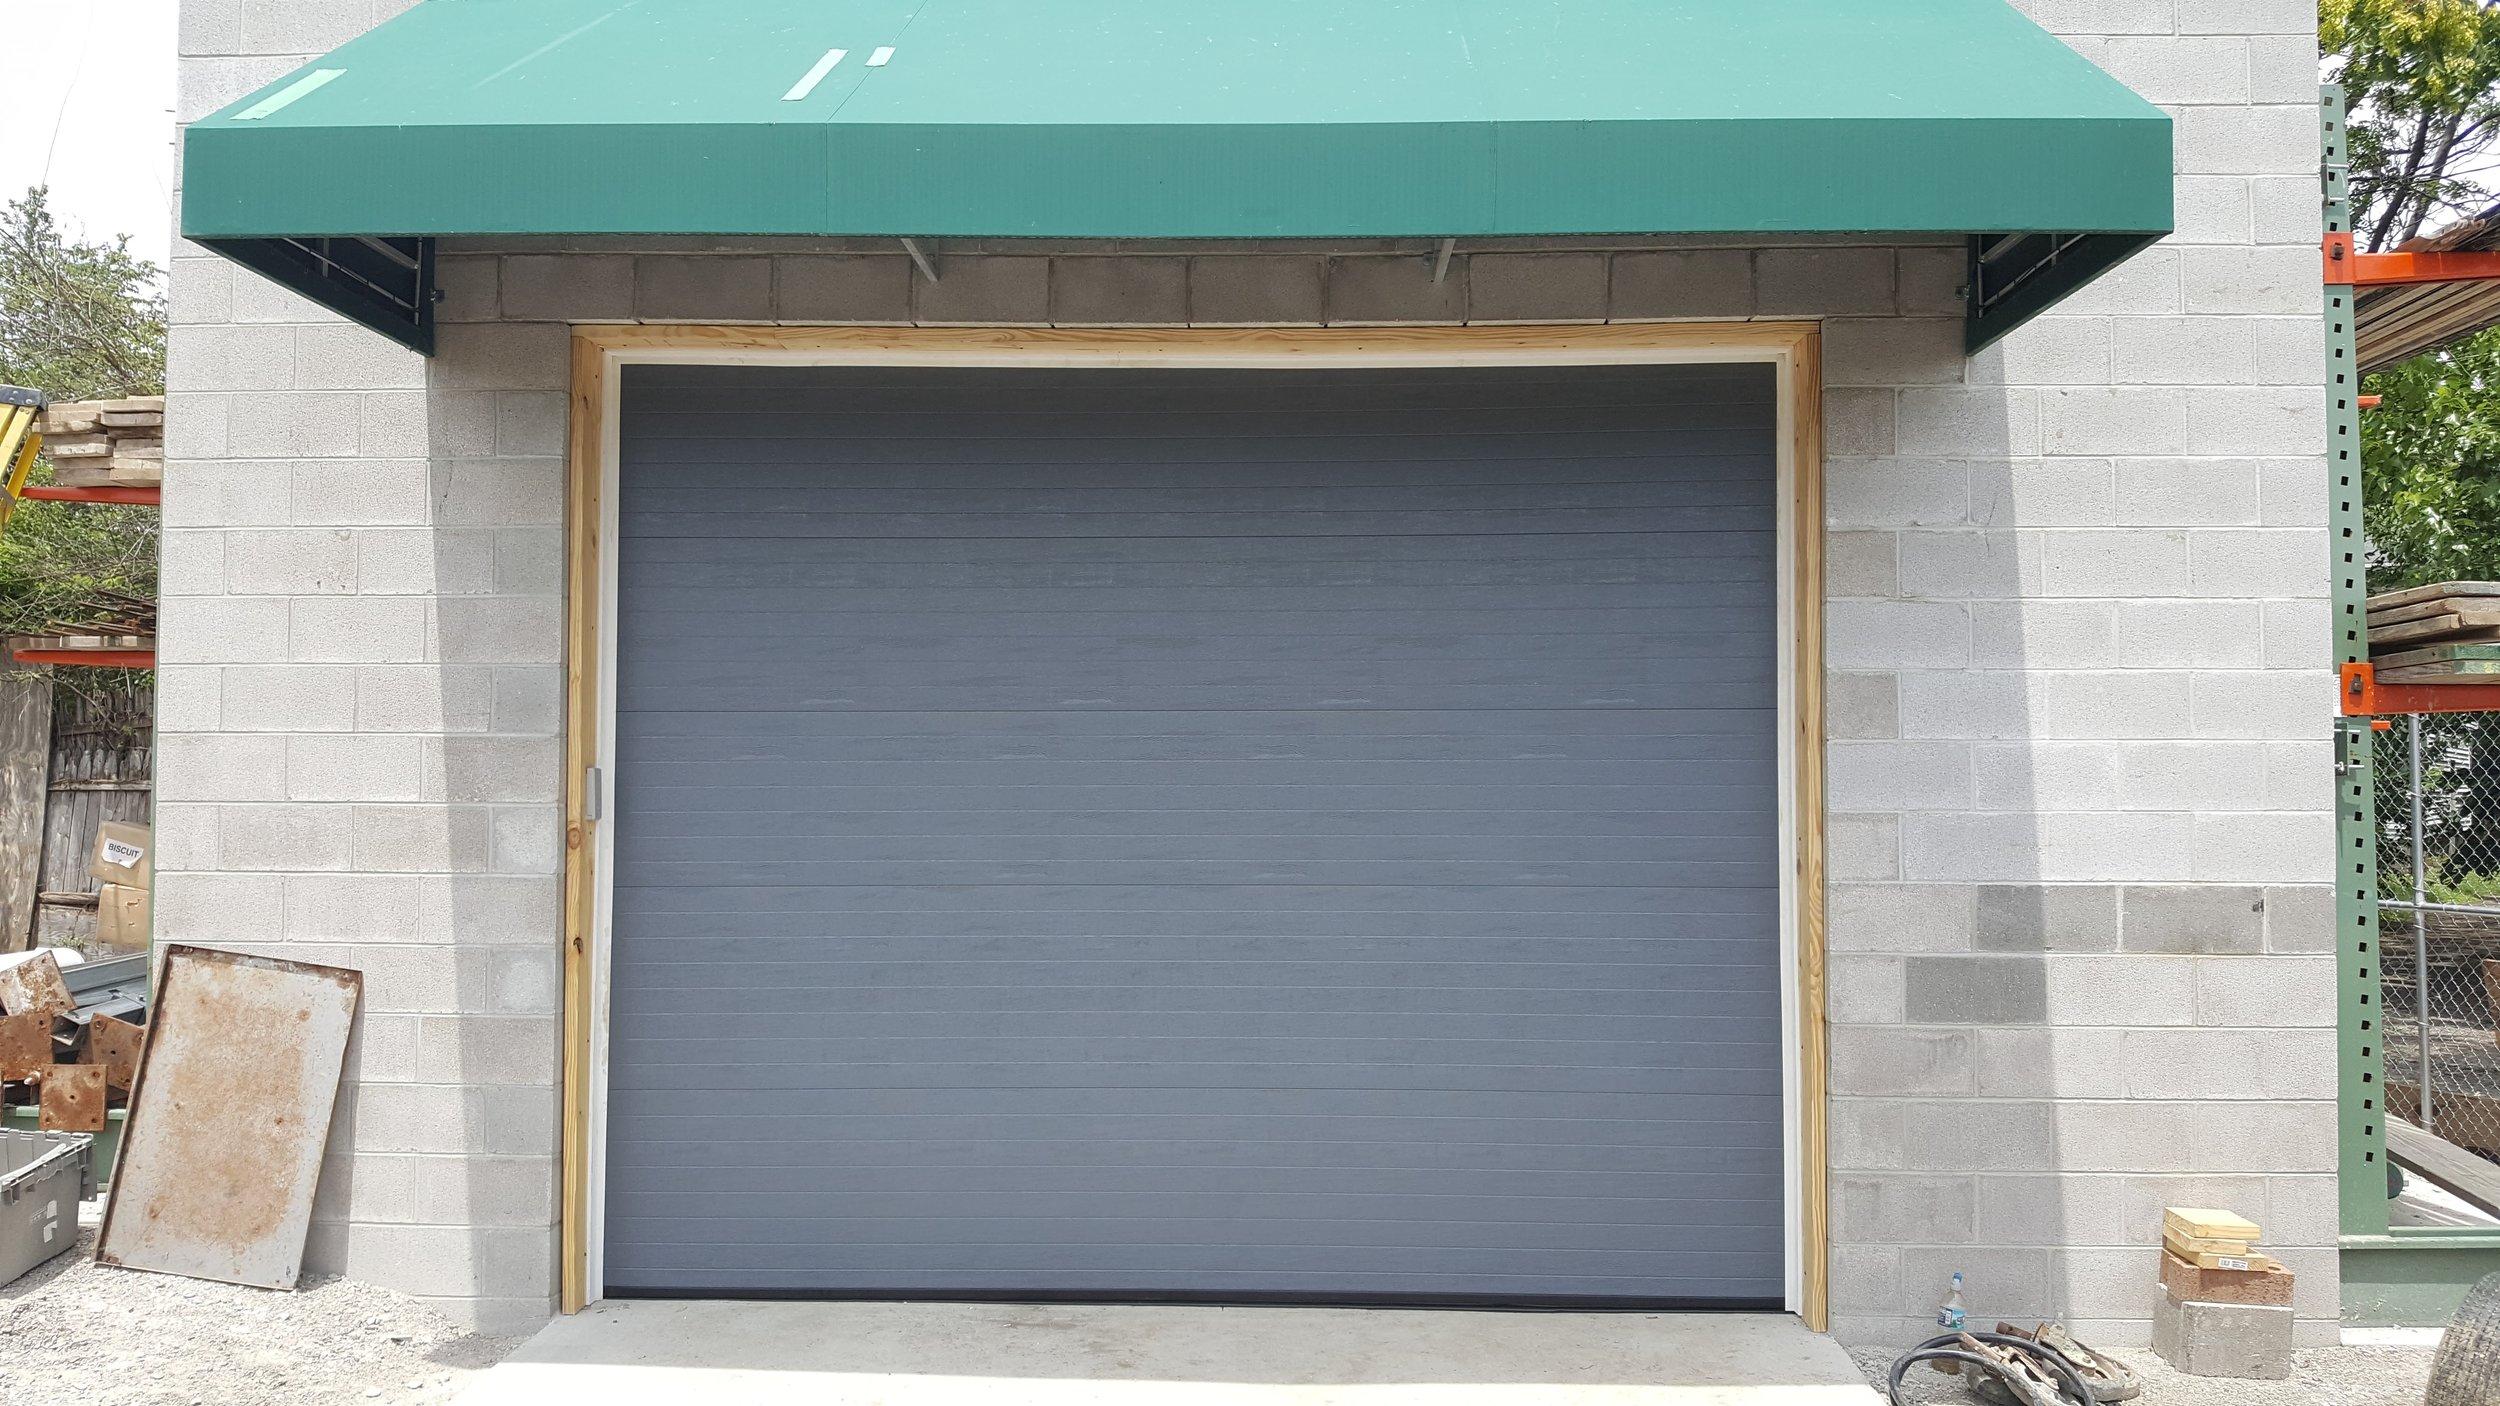 Baltimore Oh New Commercial Garage Door Installation.